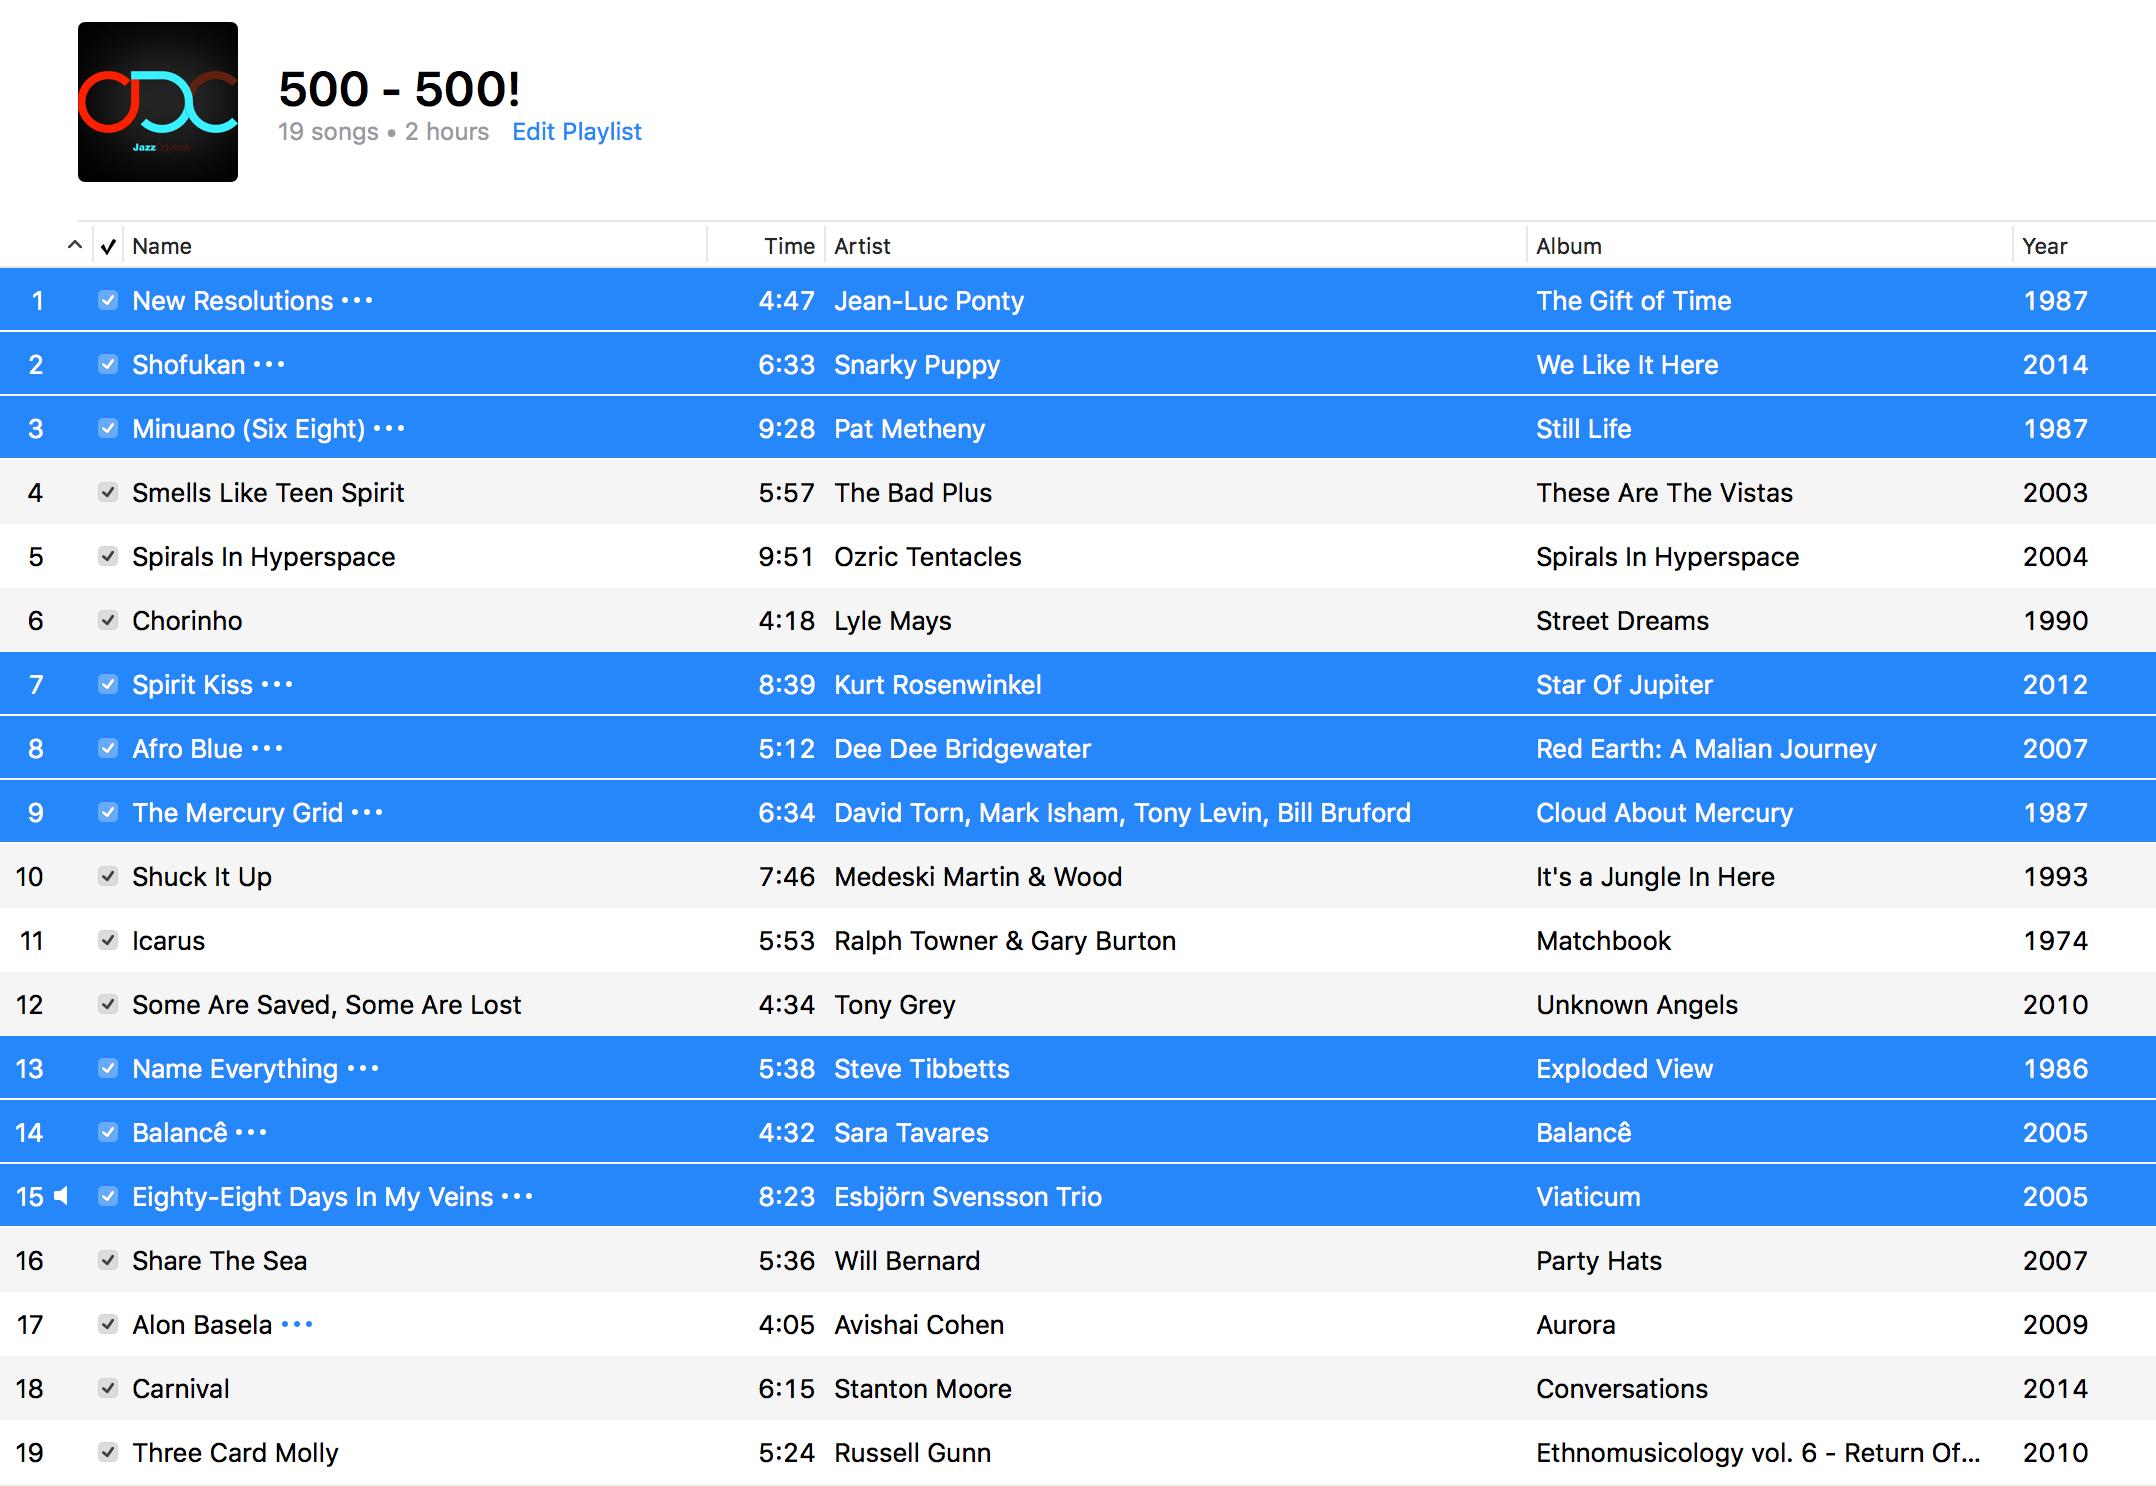 Jazz ODC #500 - 500! - Platlist